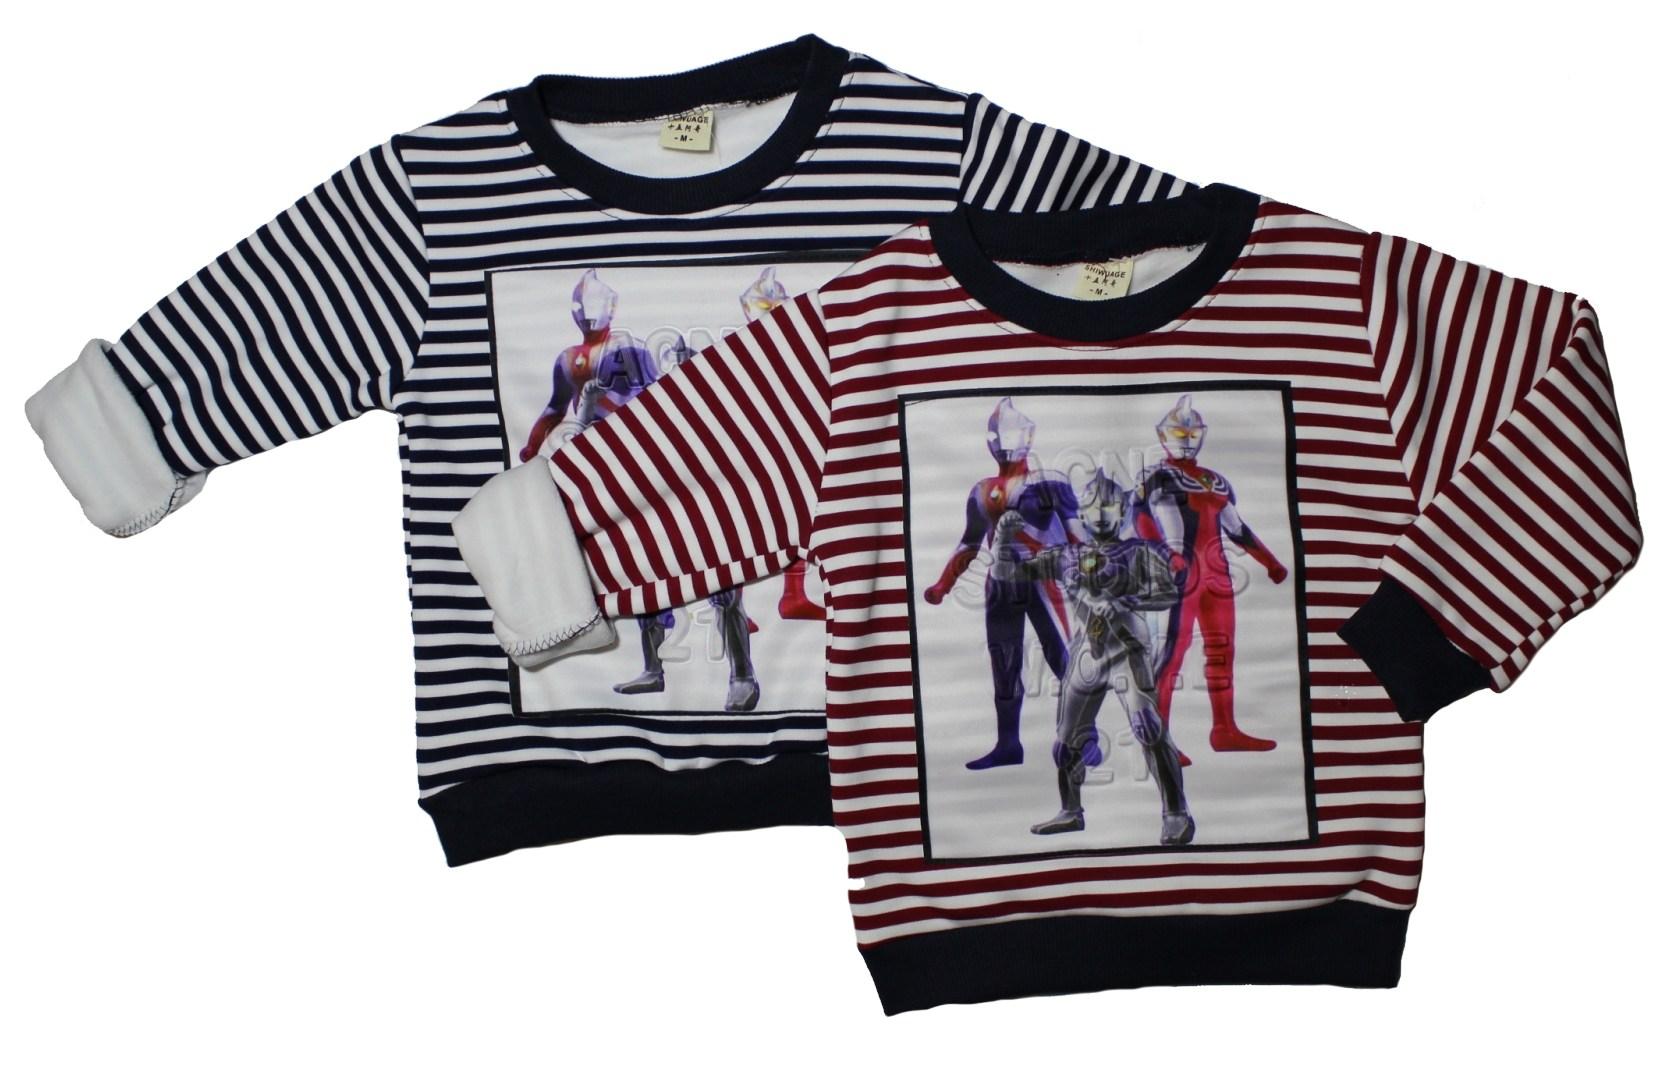 992989affd3 Кофта на велюре ― Детская одежда оптом в Новосибирске - компания BabySmail